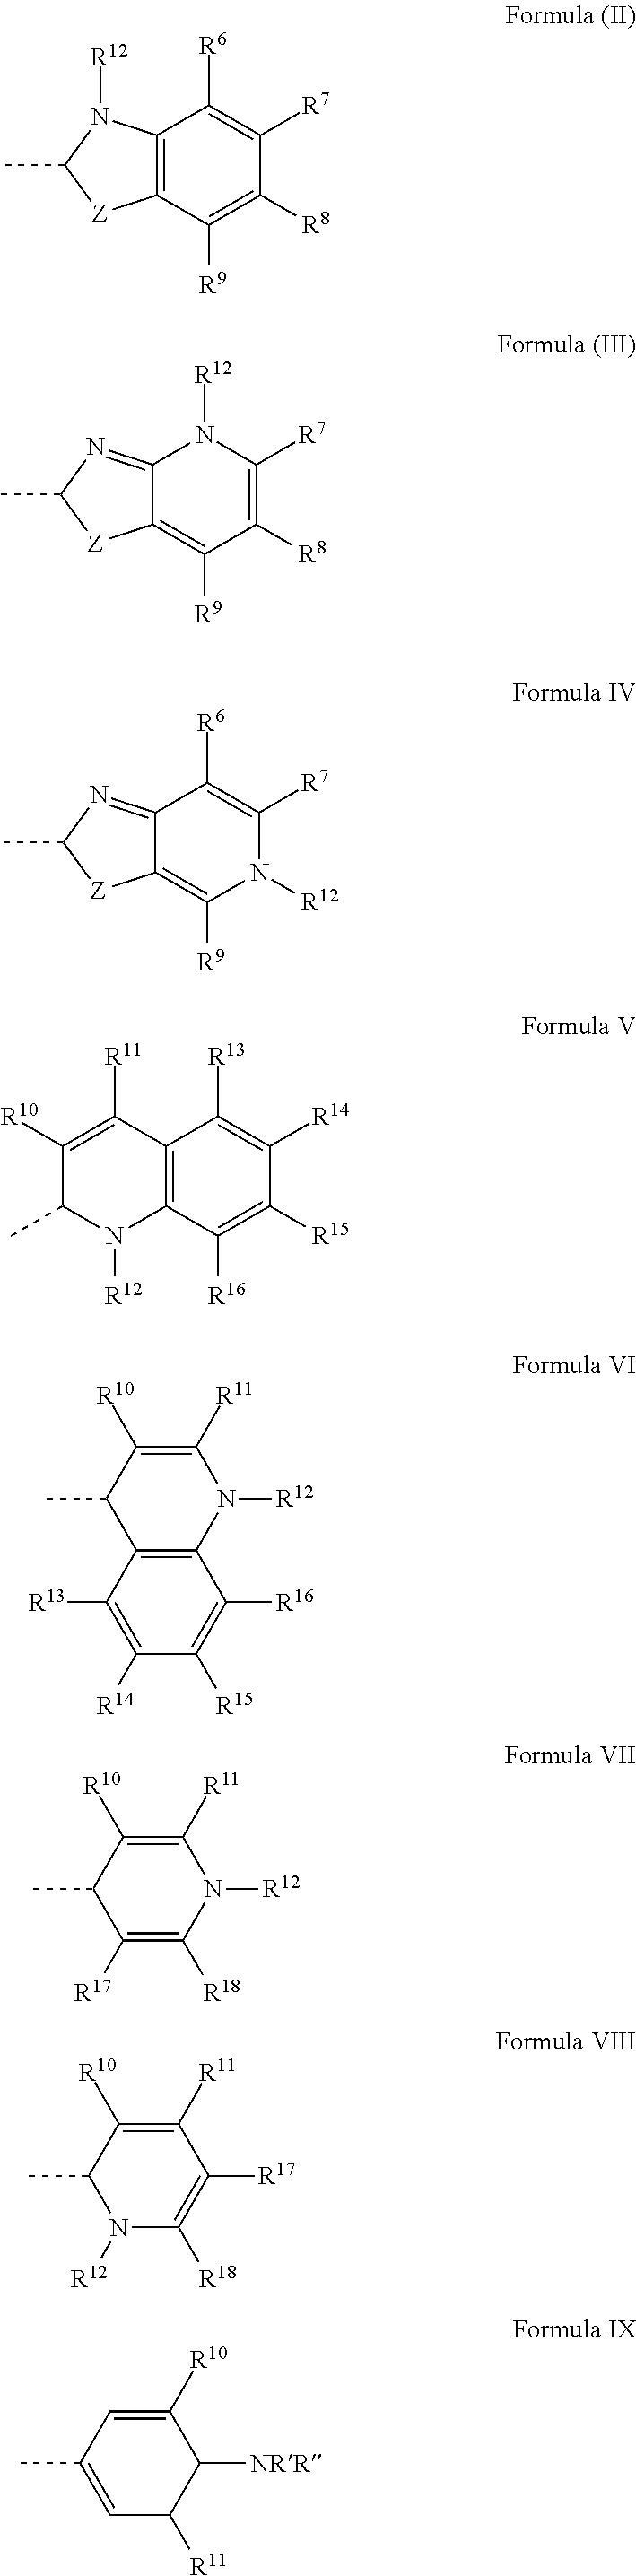 Figure US20110105362A1-20110505-C00005